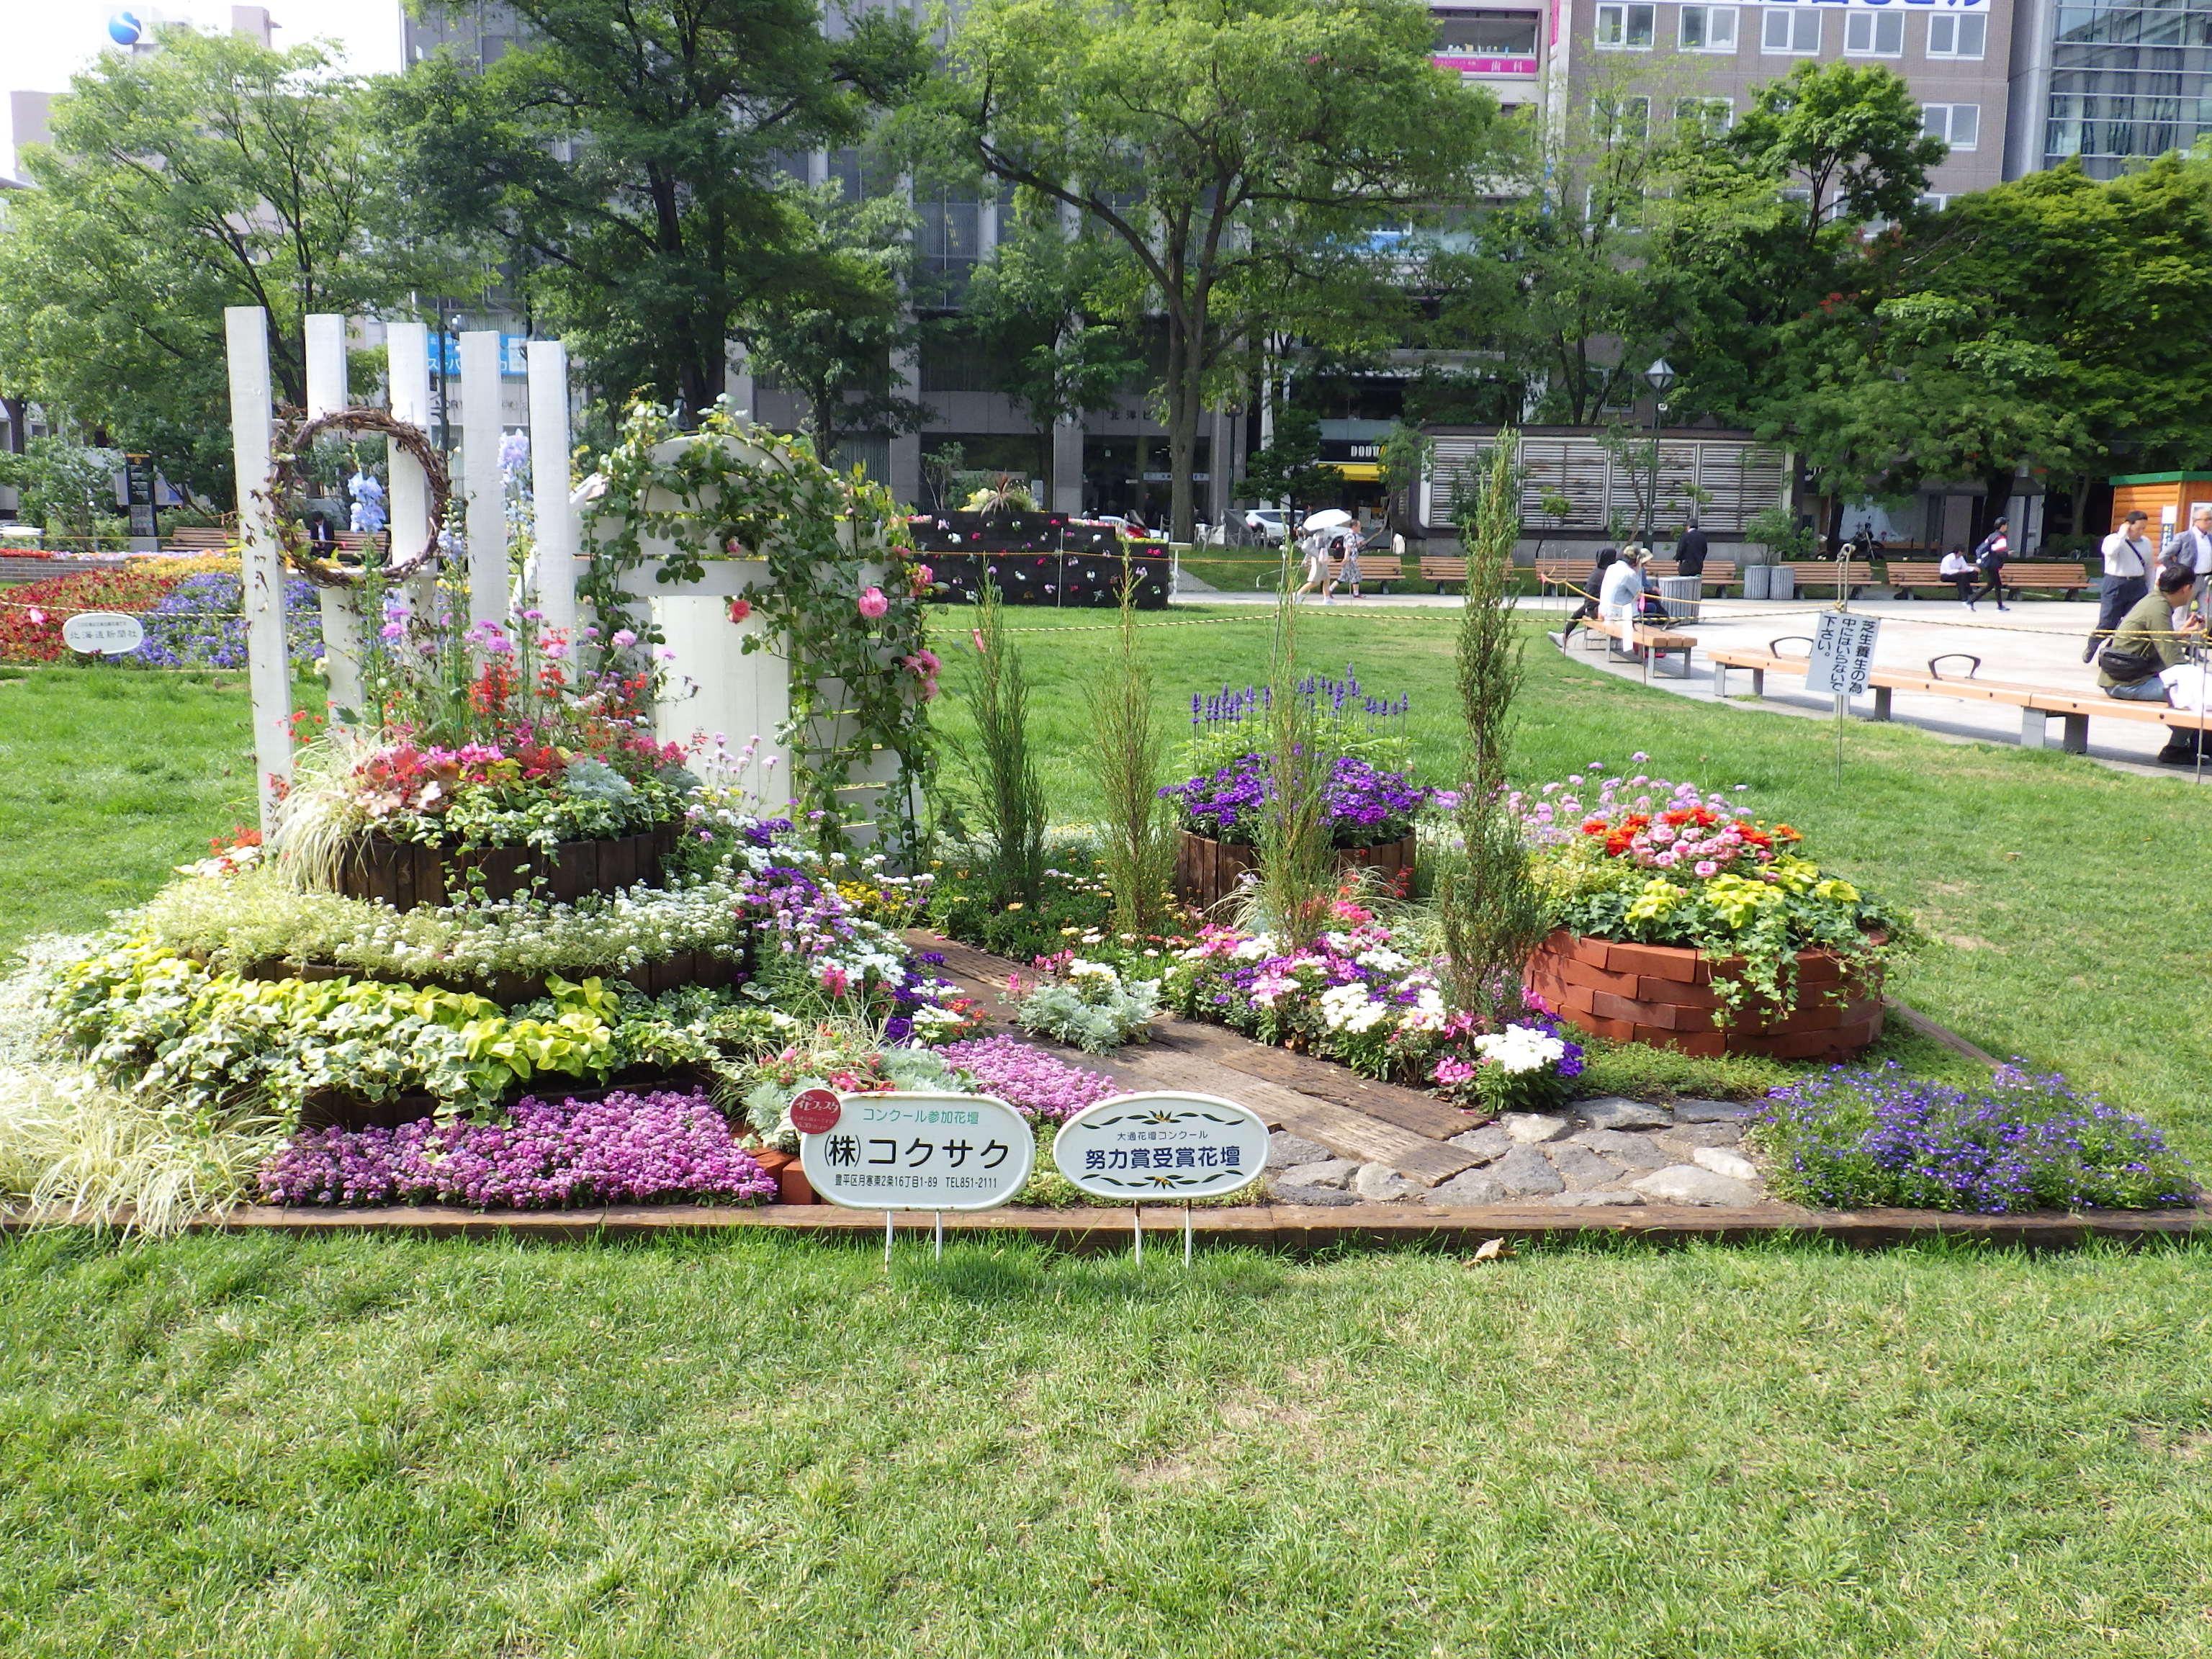 令和元年の花壇コンクール受賞花壇6